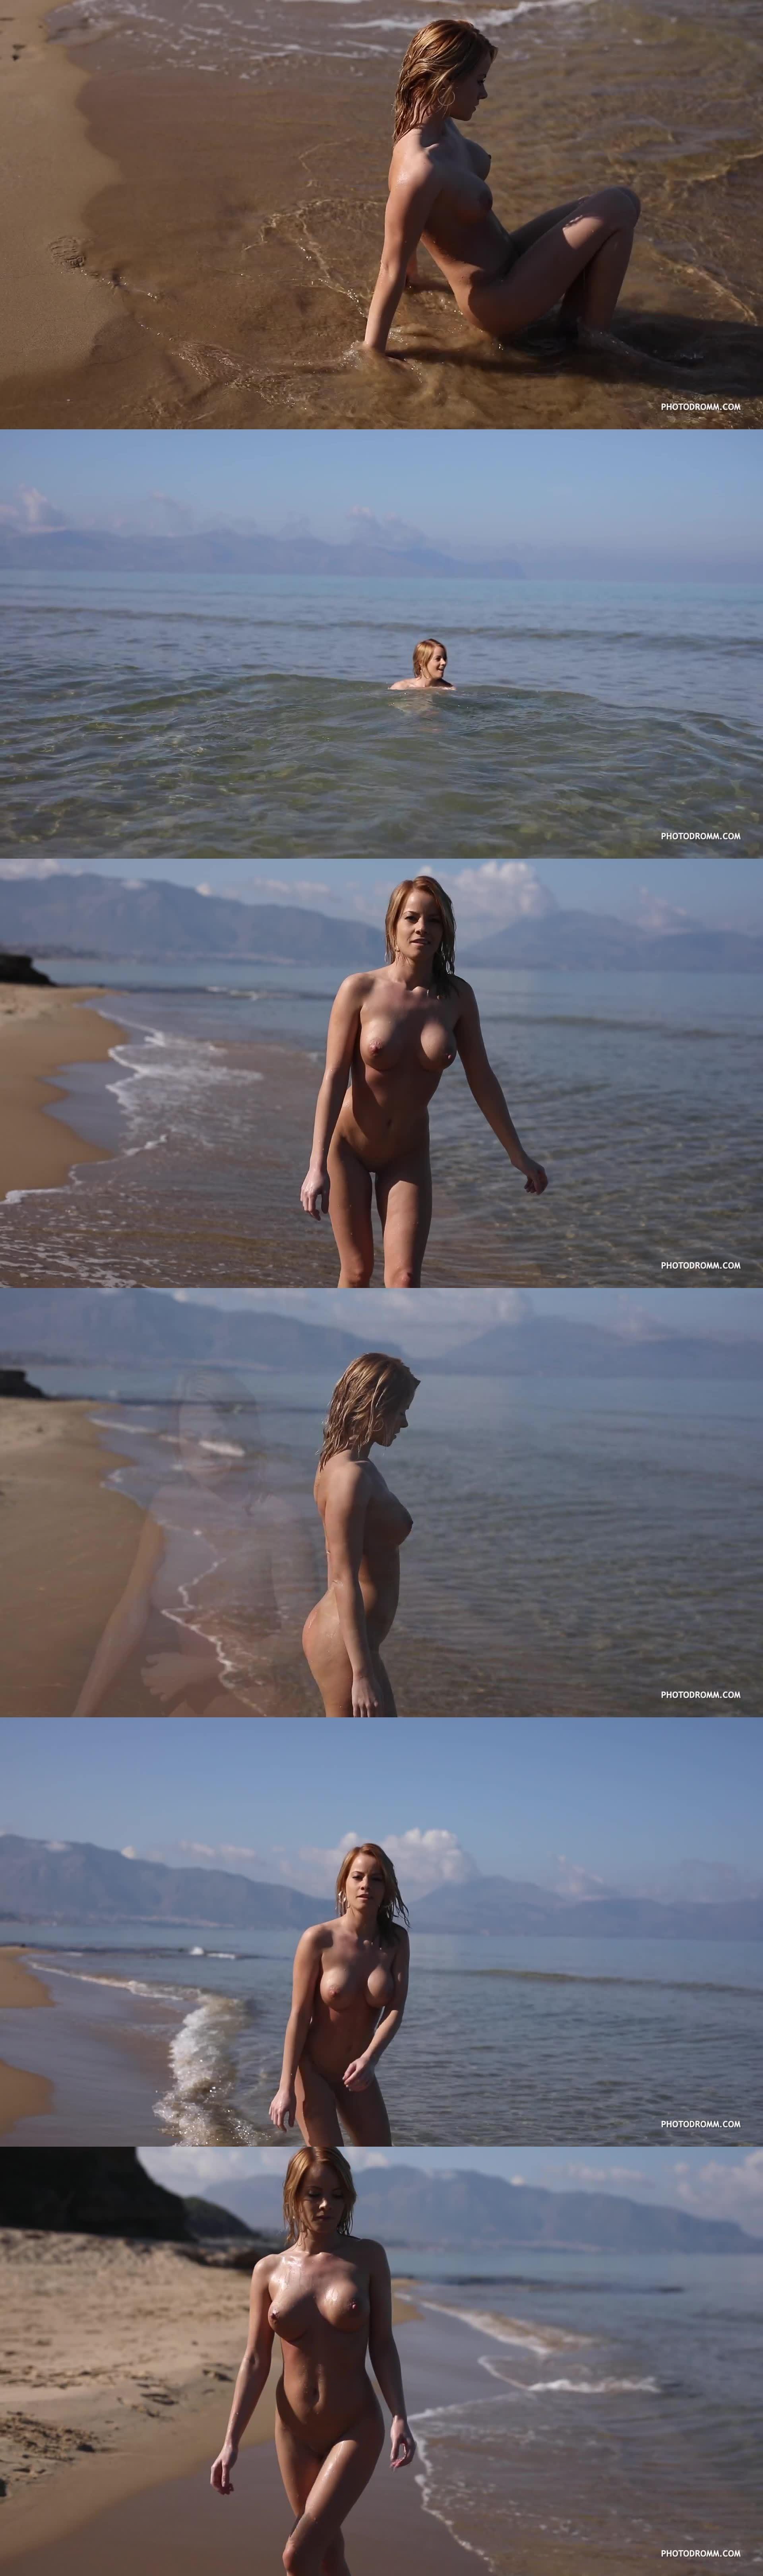 [PhotoDromm] Brooke - Deep Sands 1618916847_cover